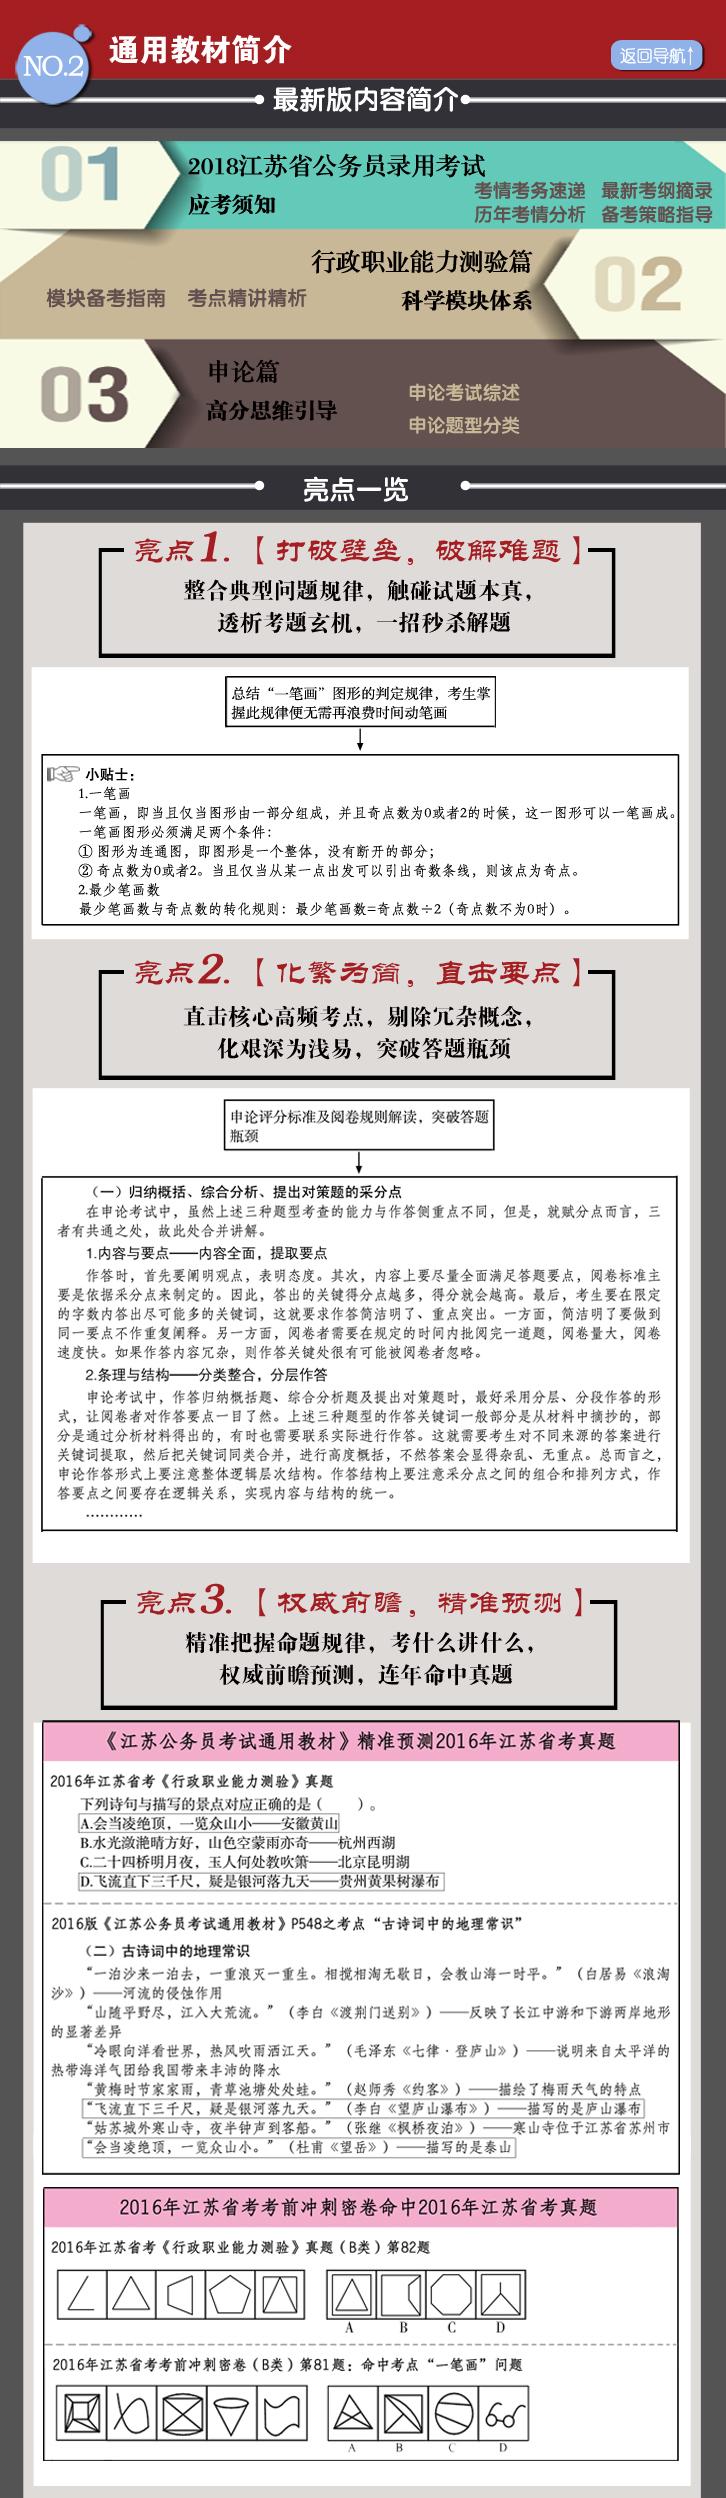 江苏公务员考试用书简 介